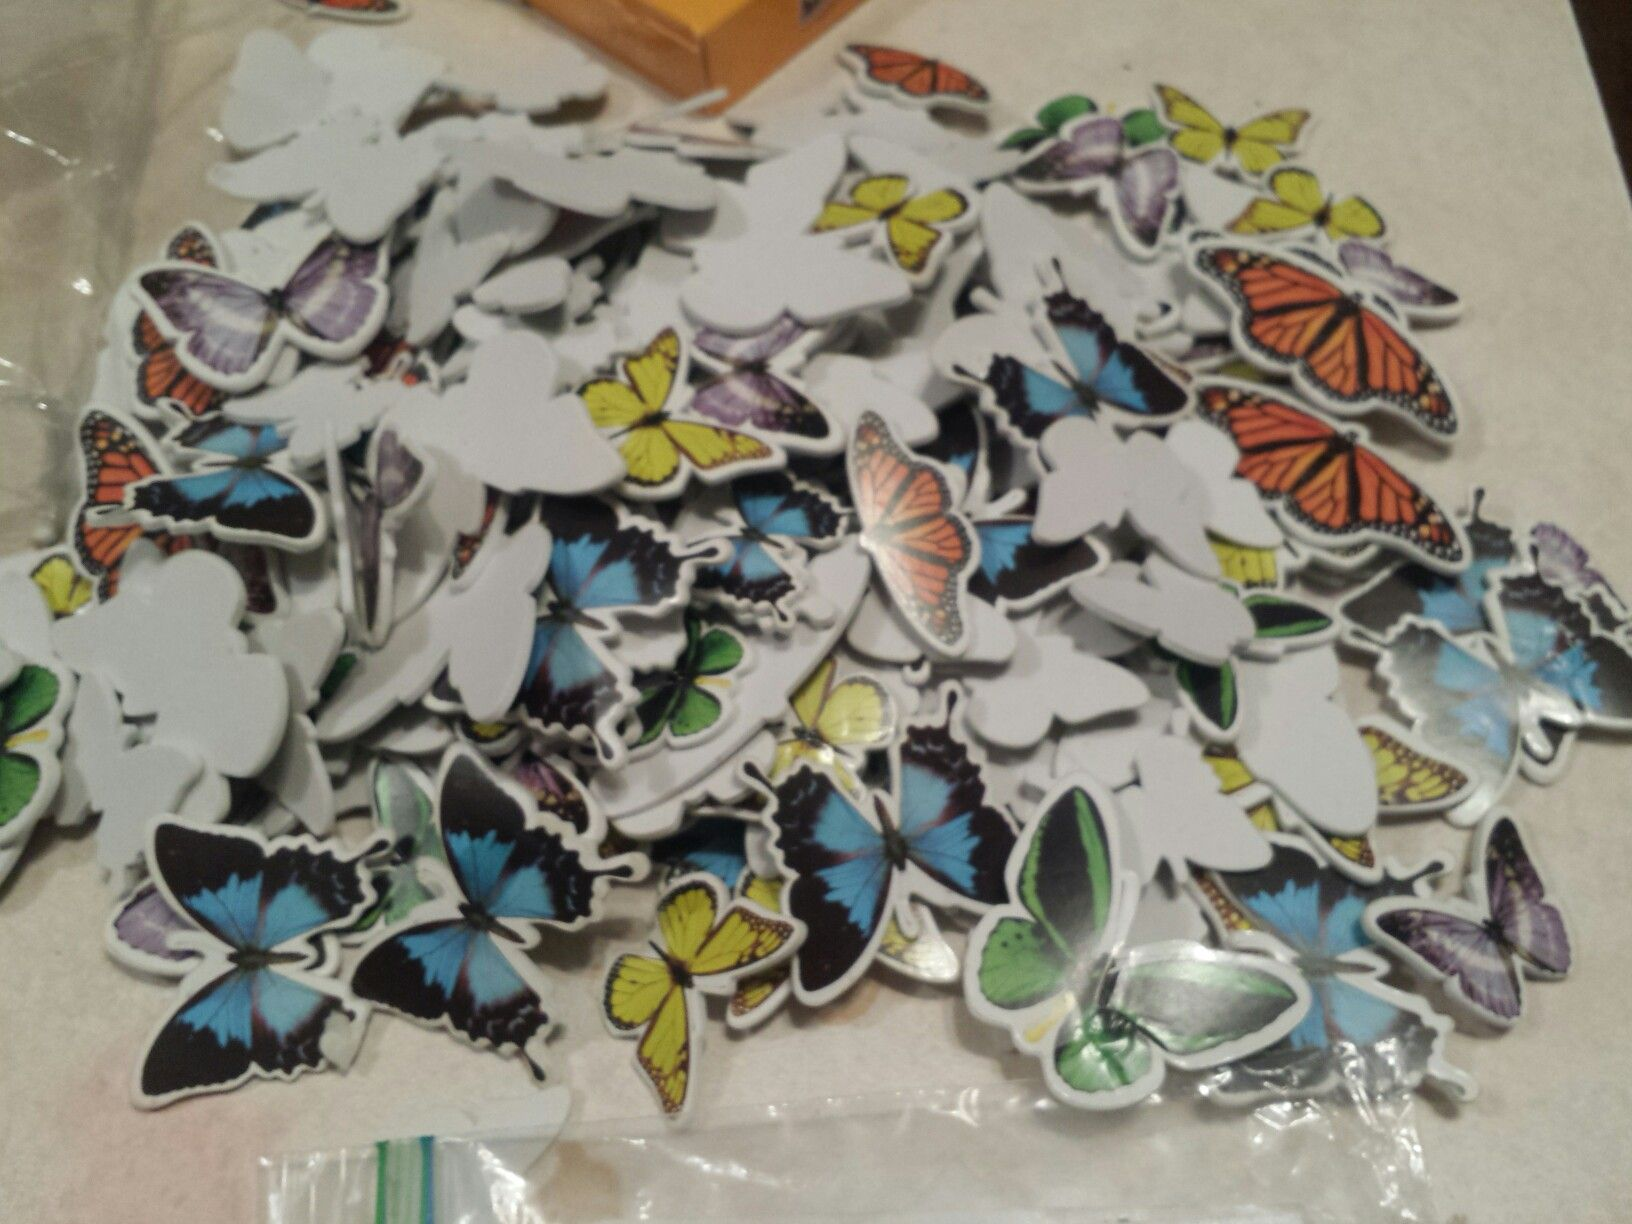 Butterfly, butterflies & more butterflies